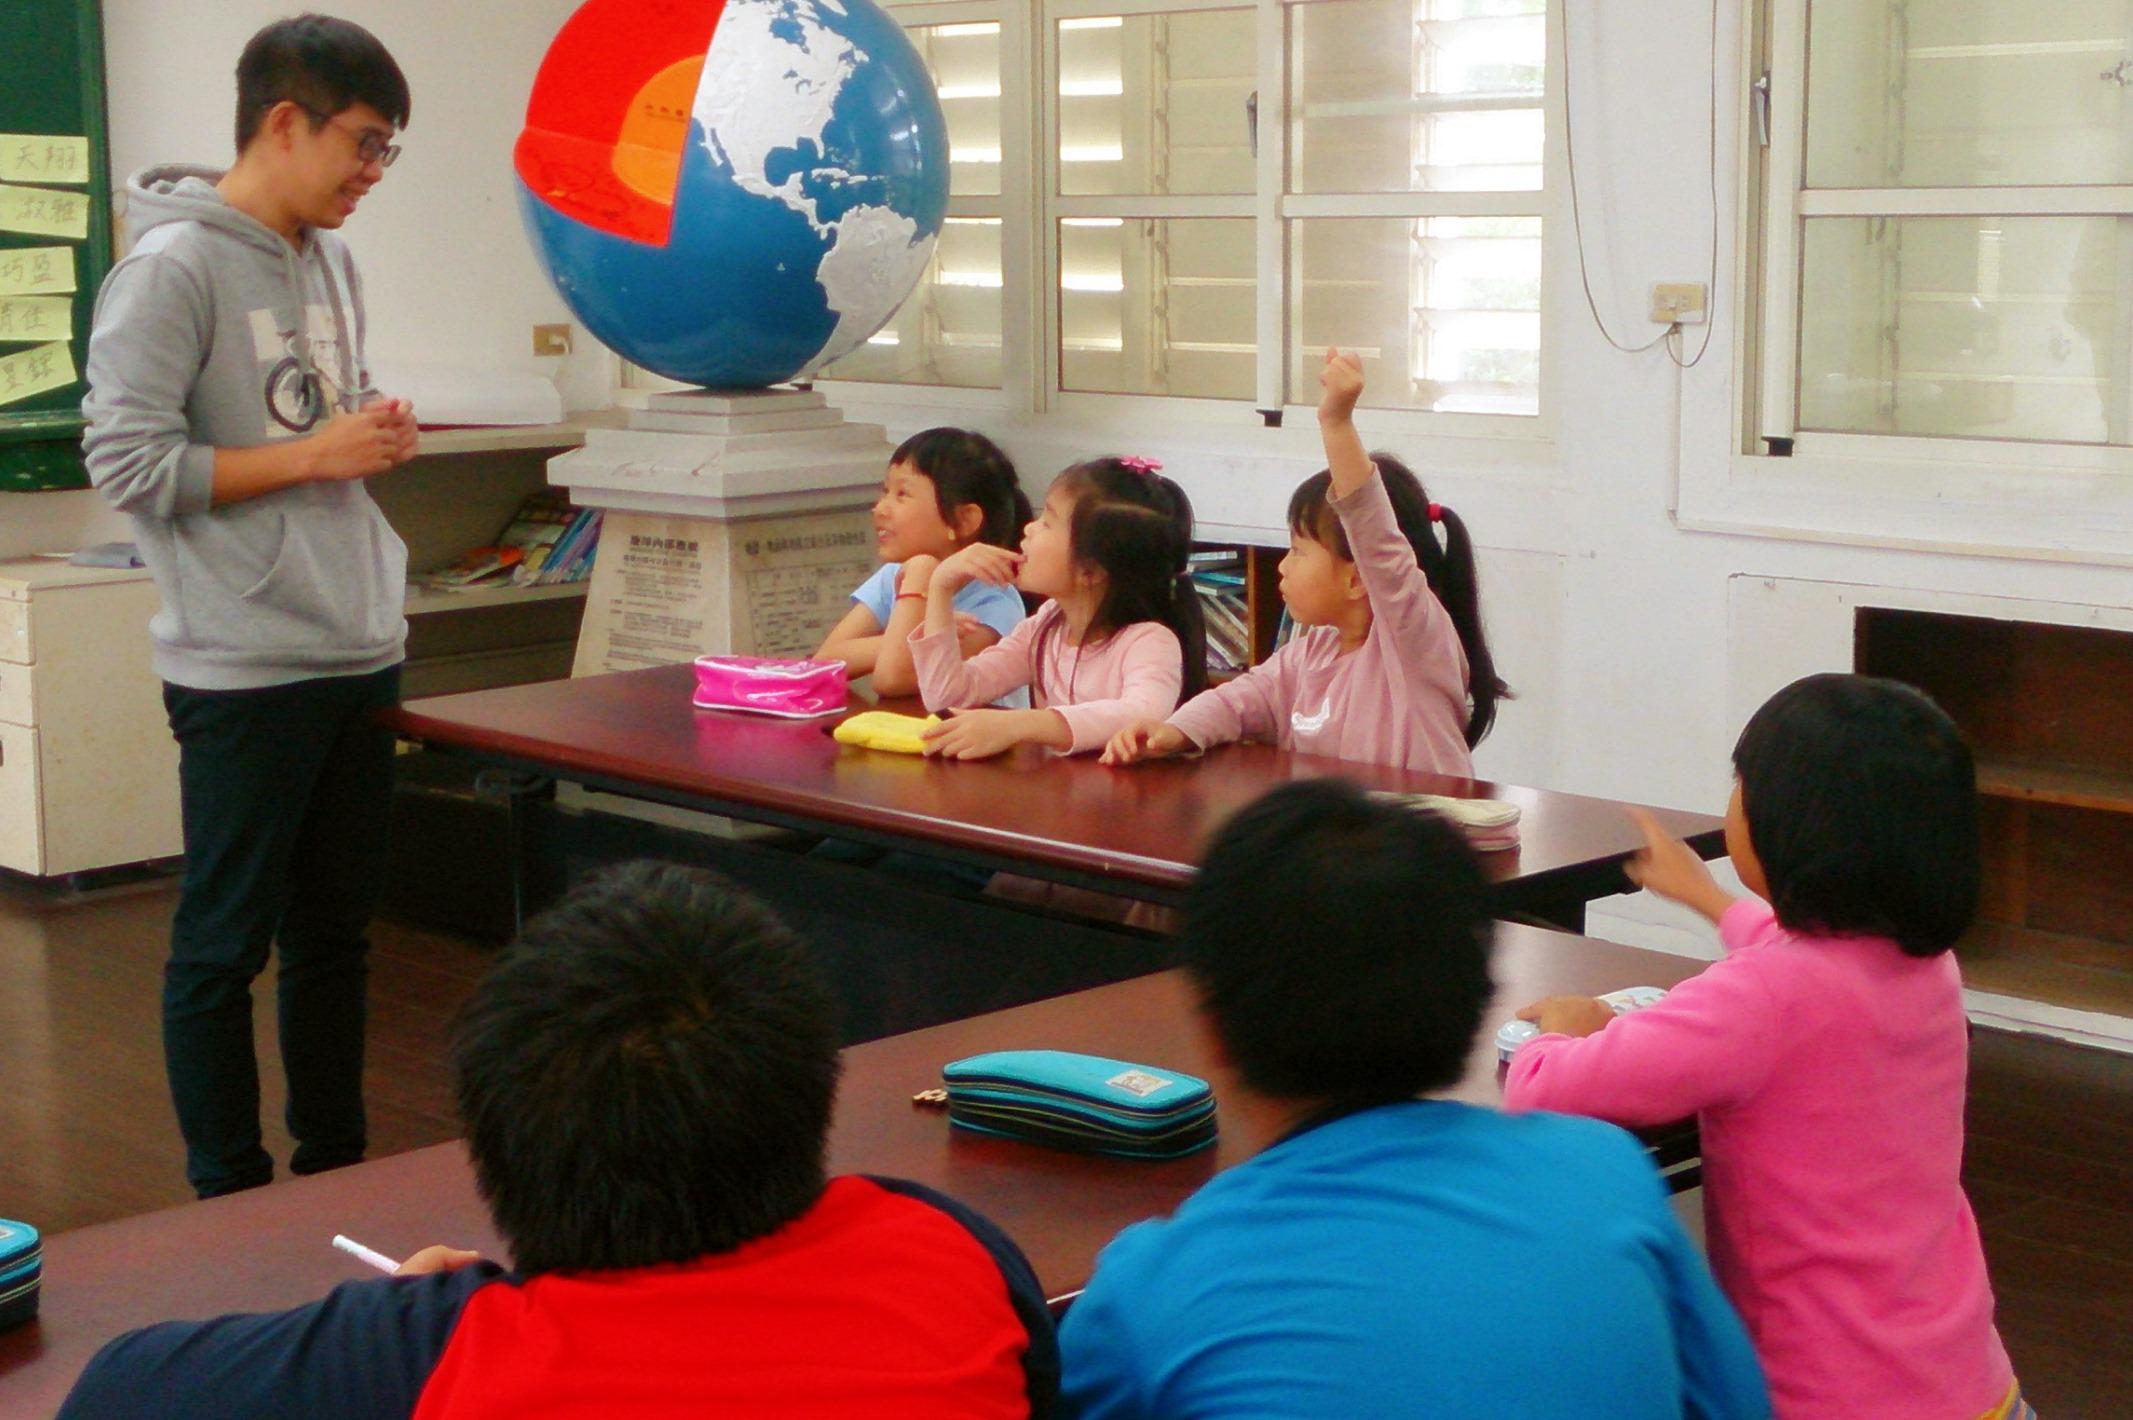 林冠傑教學時,經常提醒學生,先聽、思考,不要急著反駁,真的有問題再舉手發問。